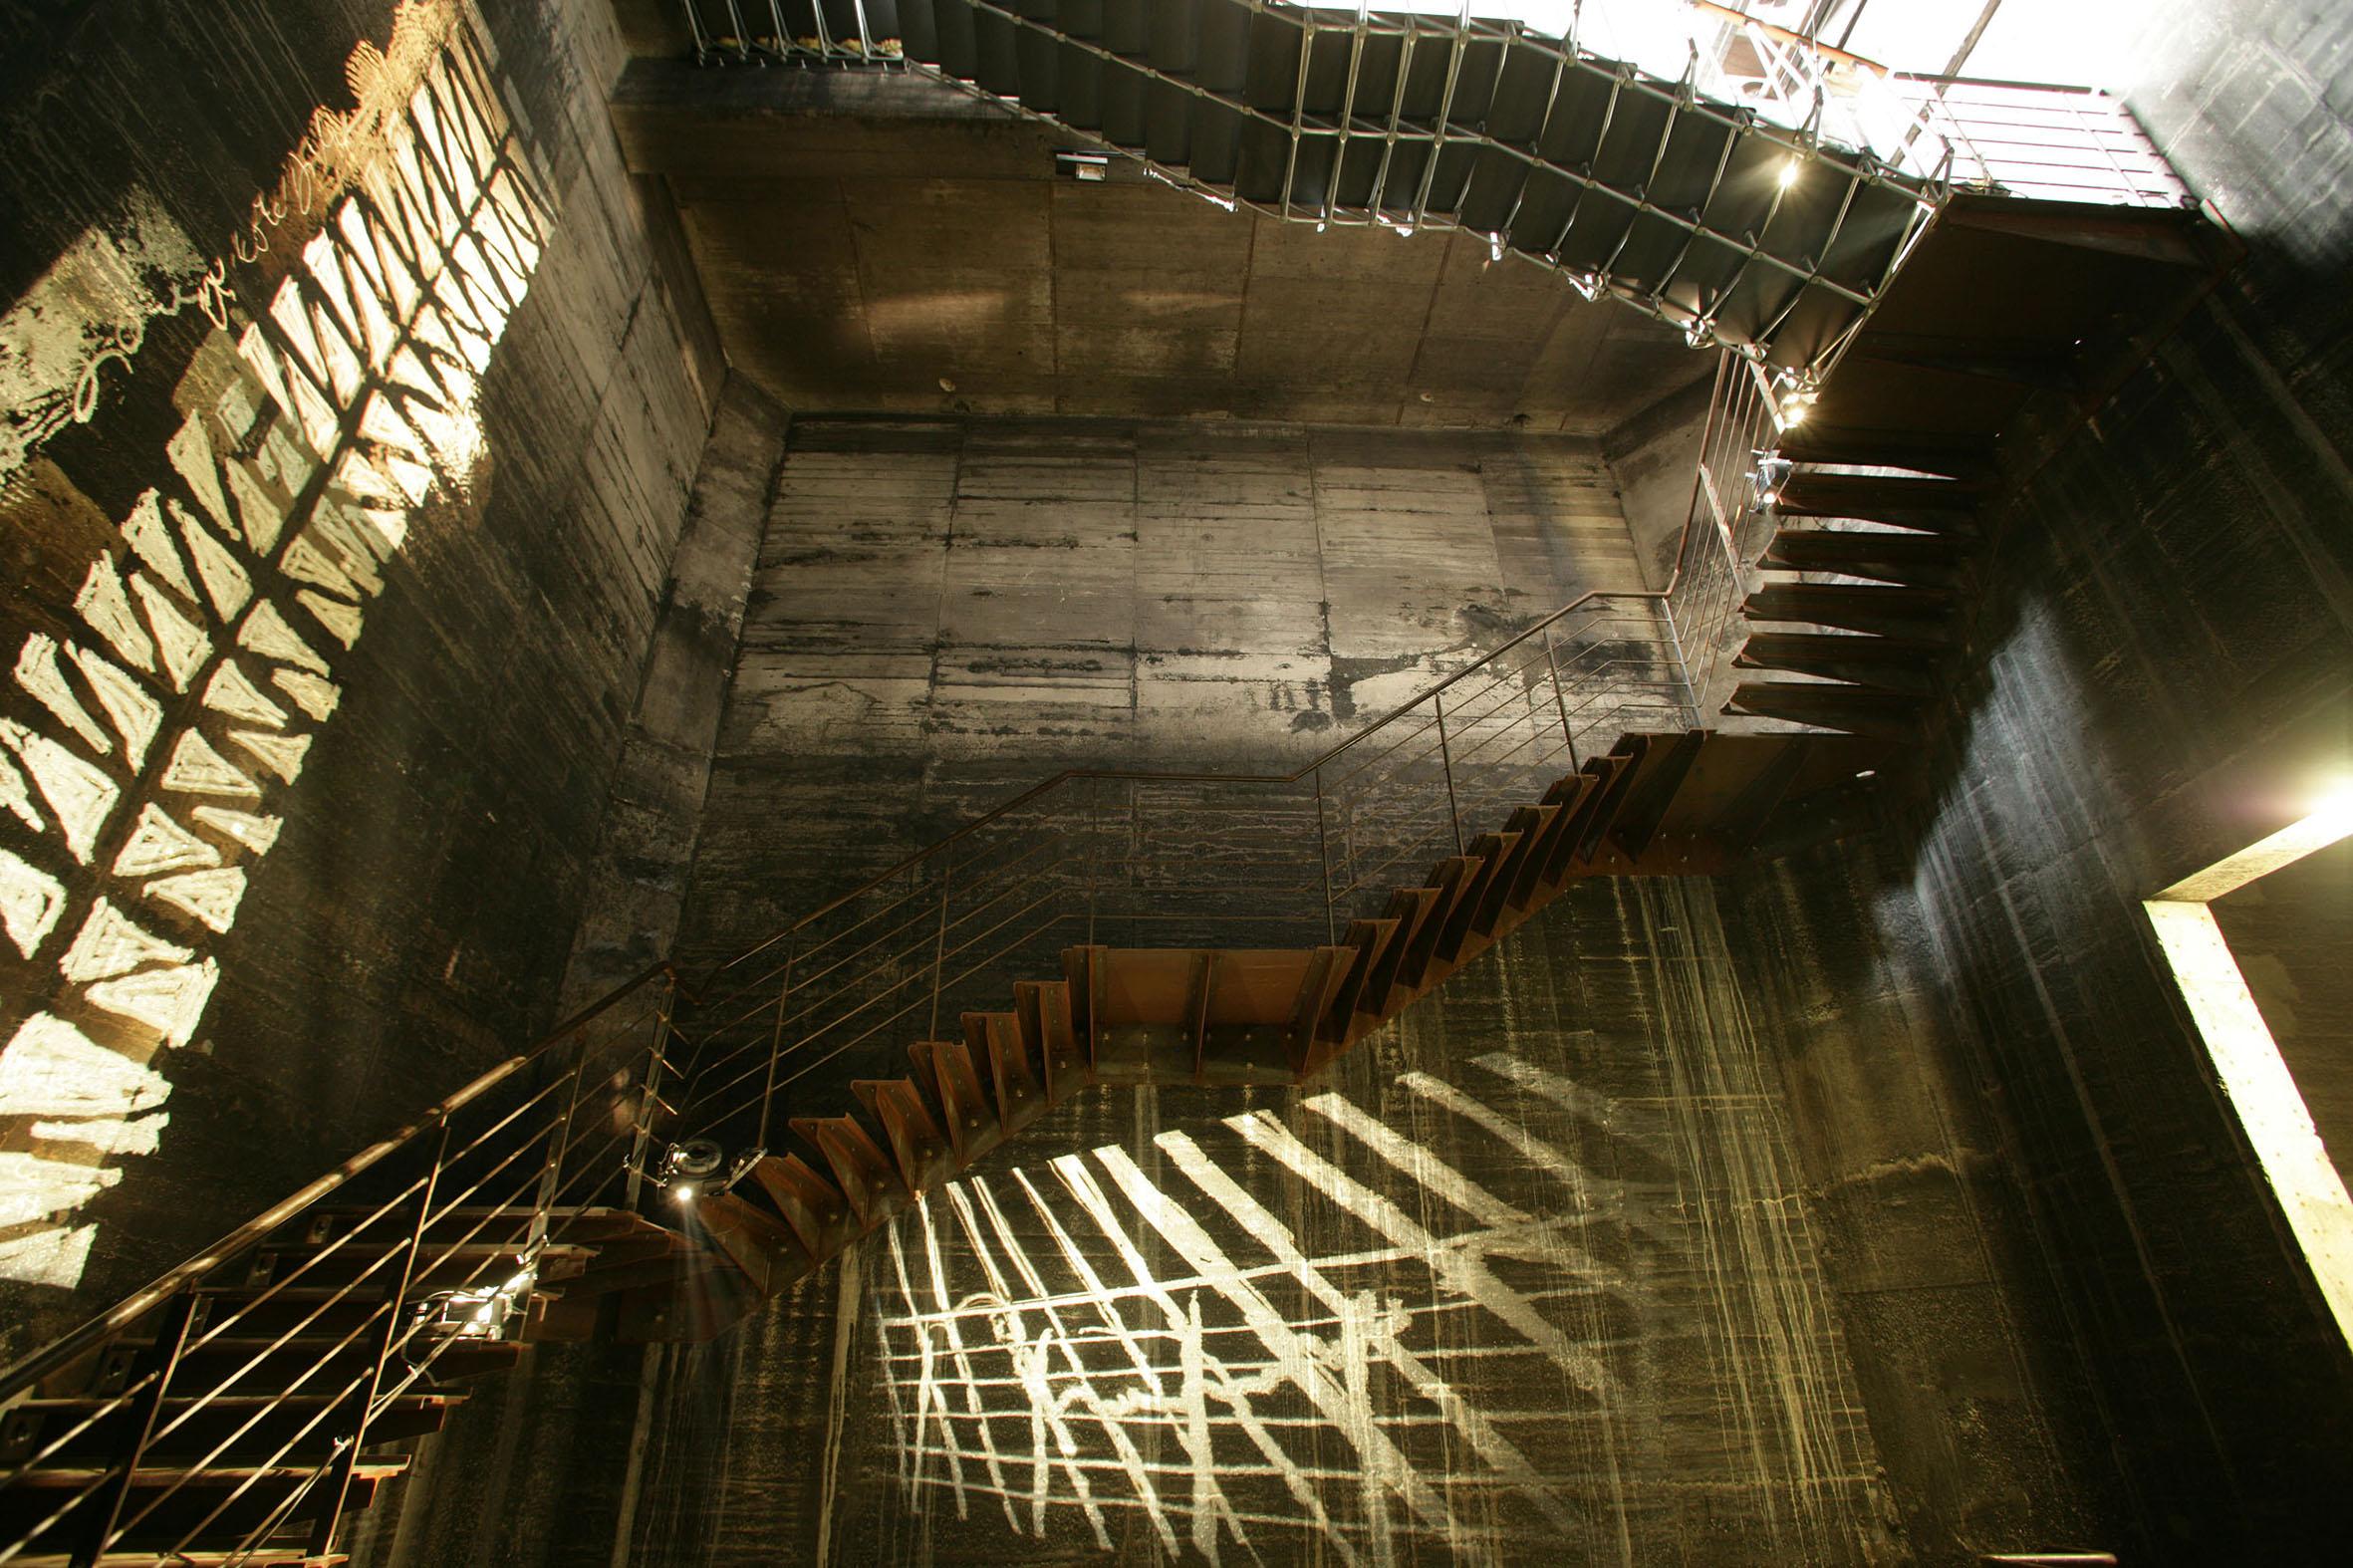 Treppenaufgang der Mischanlage der Kokerei Zollverein, Foto: Thomas Willemsen © Stiftung Zollverein